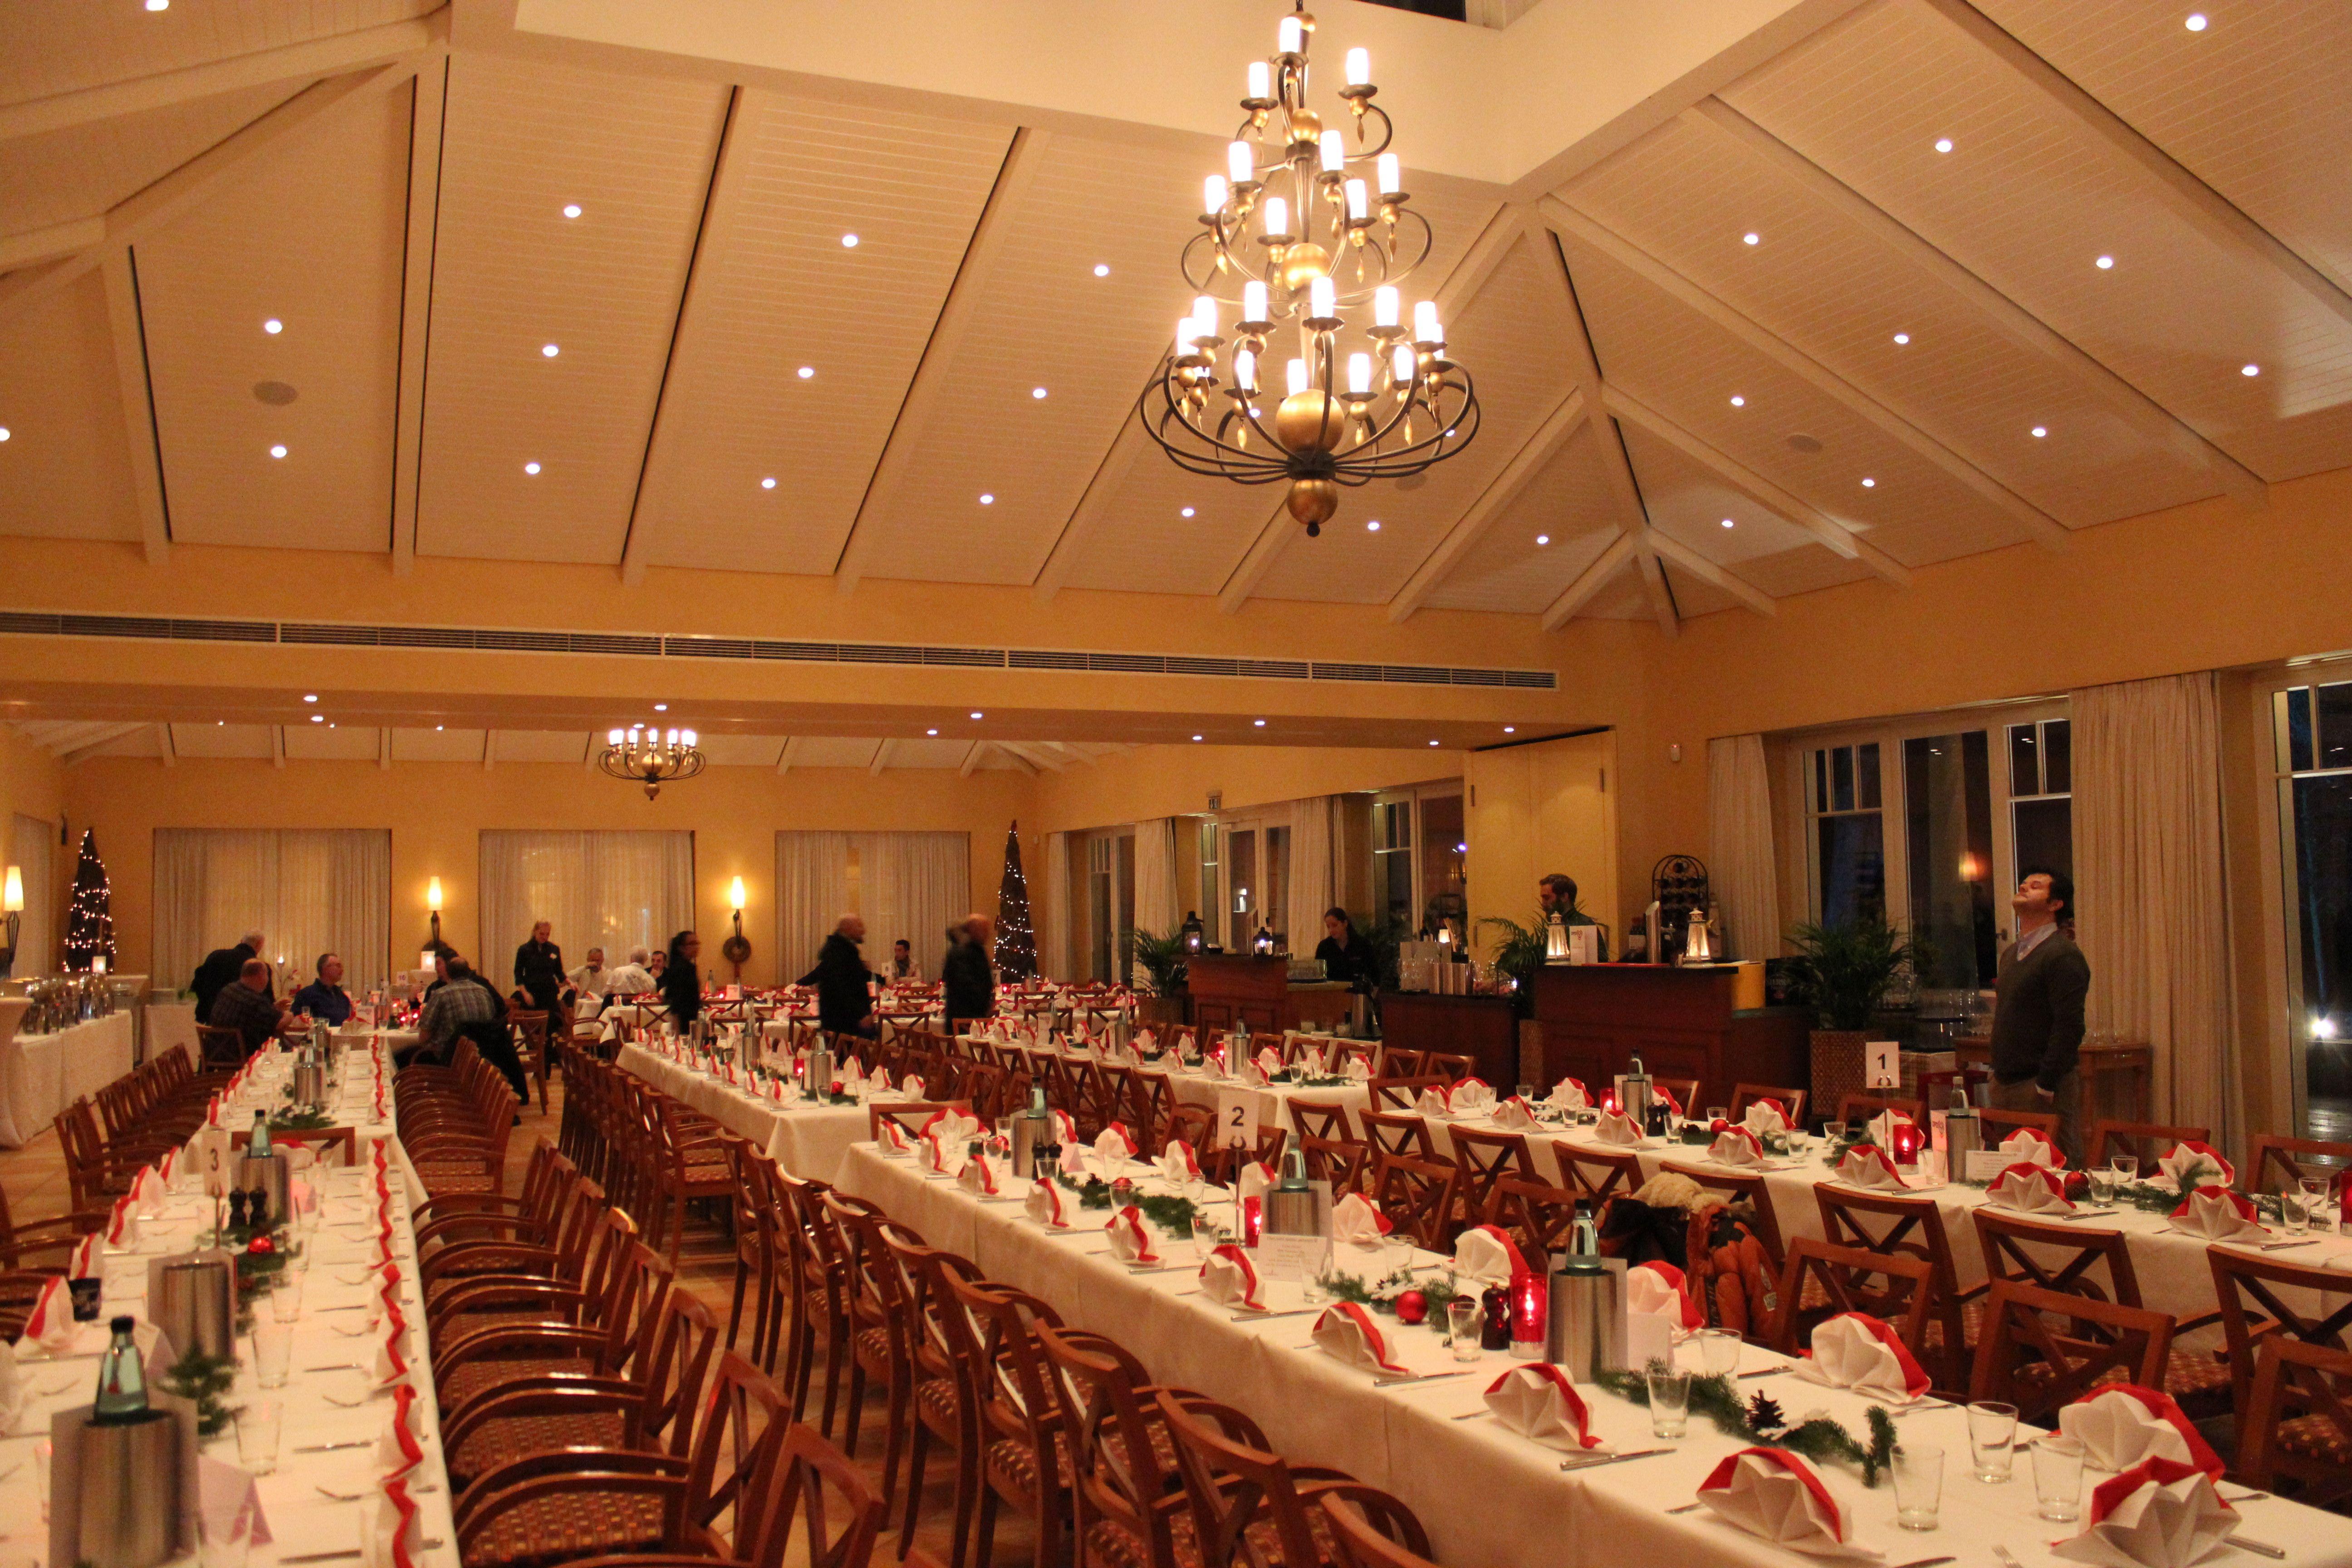 Weihnachtsfeier Harburg.Weihnachtsfeier Der Firma Dpd Im Jahre 2014 Firmenveranstaltungen